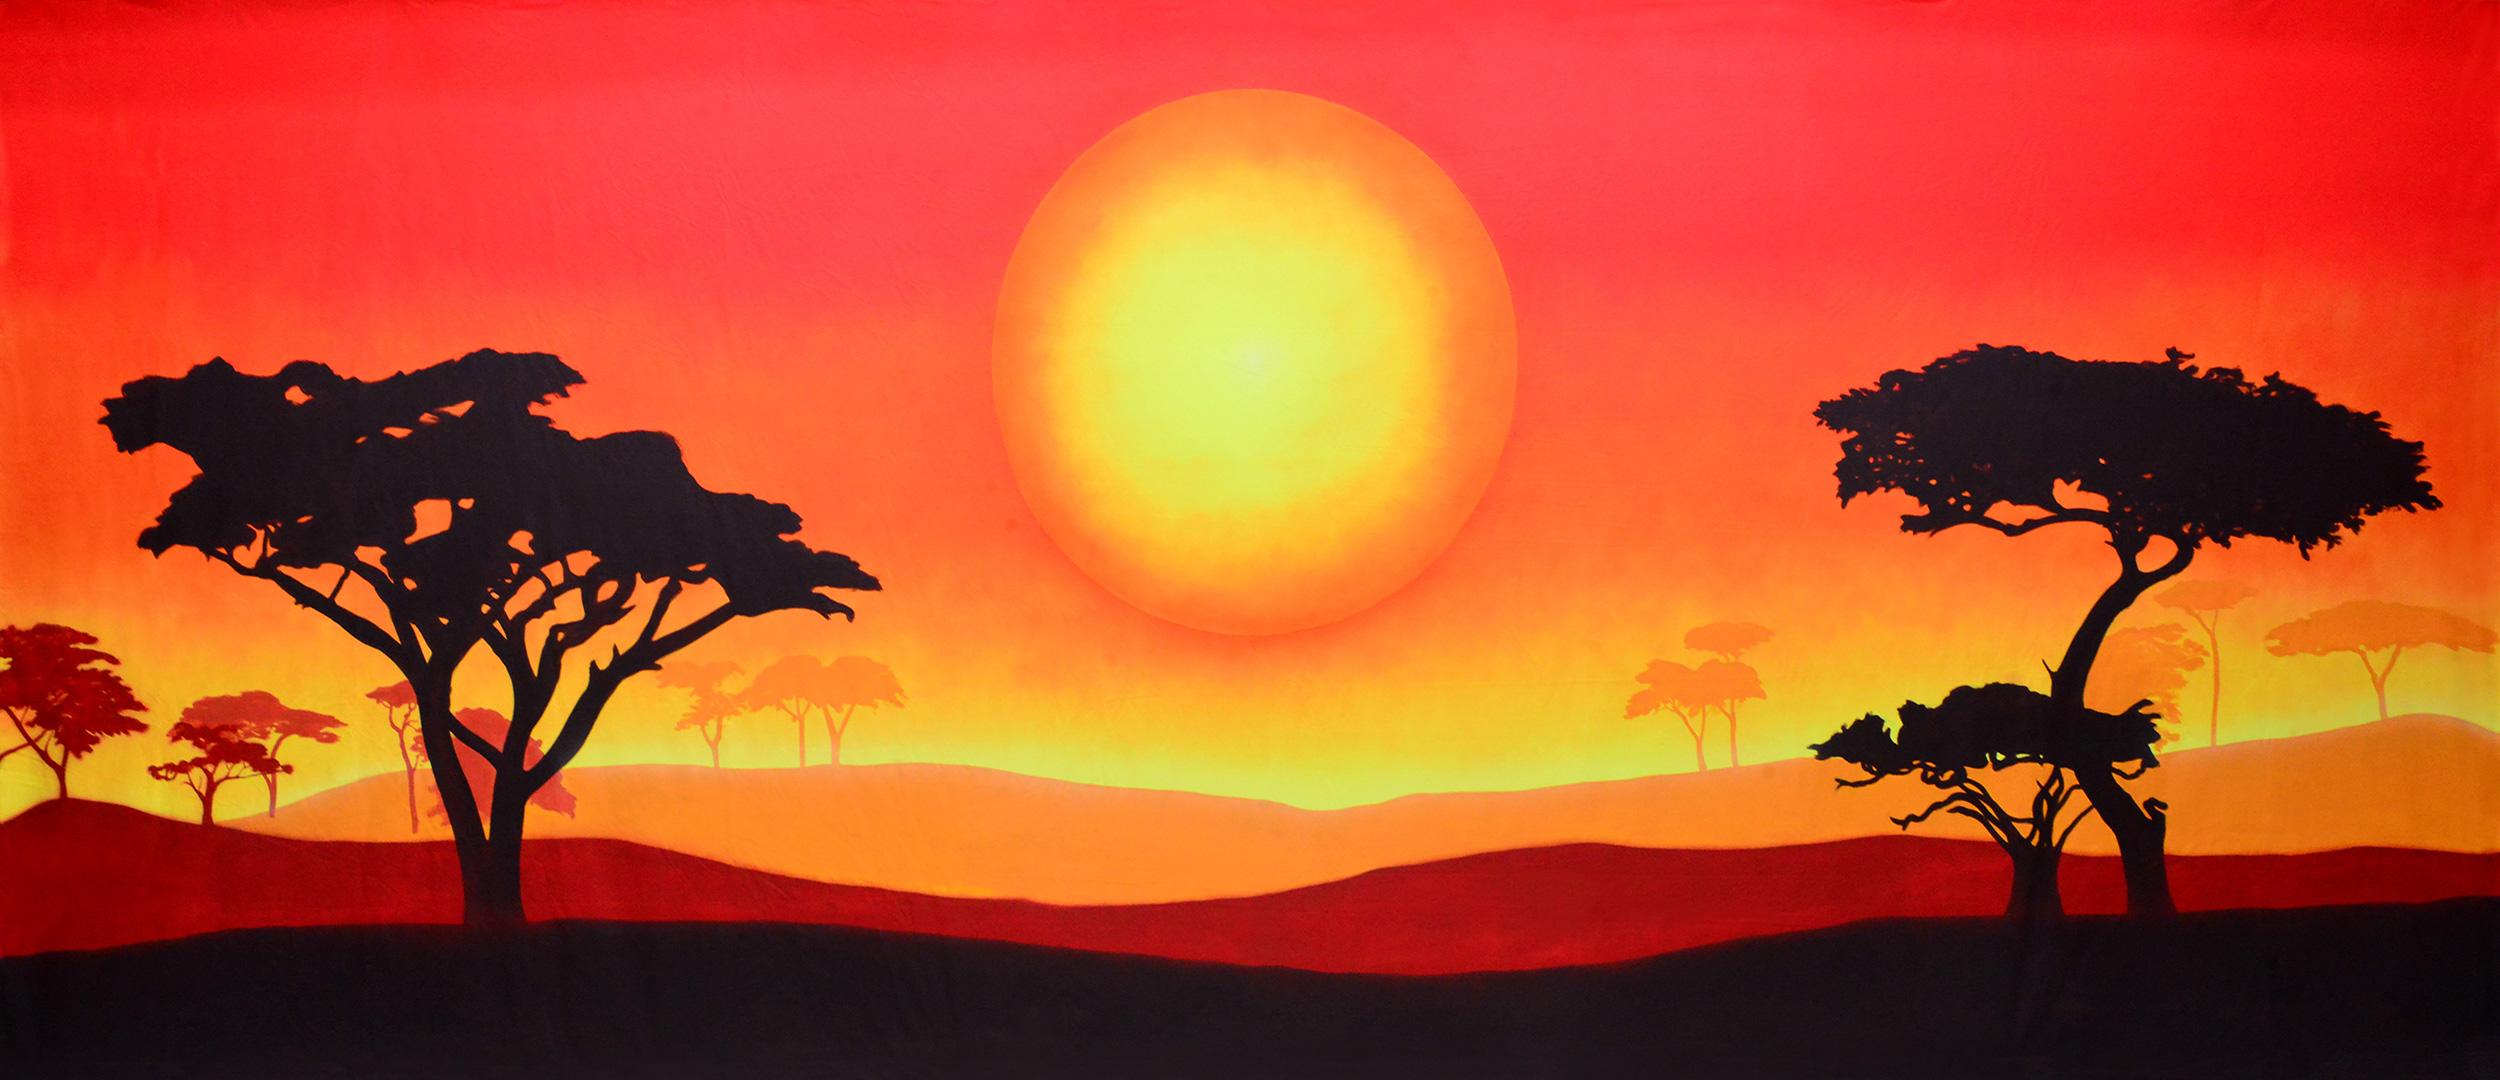 African Sun Landscape